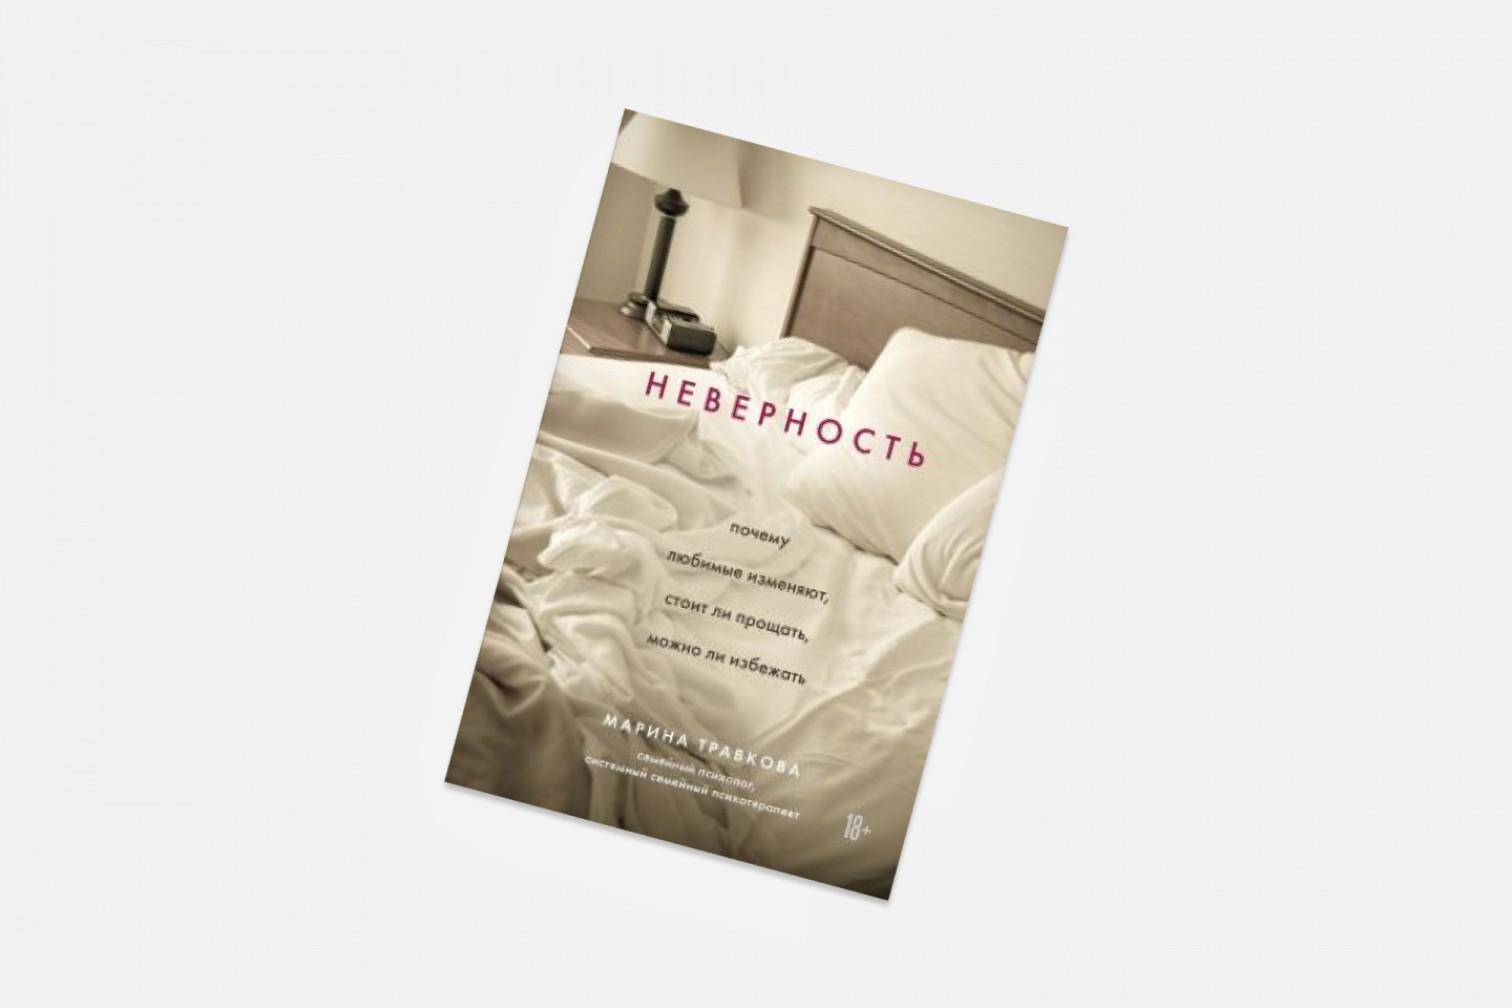 Какие книги помогут пережить развод